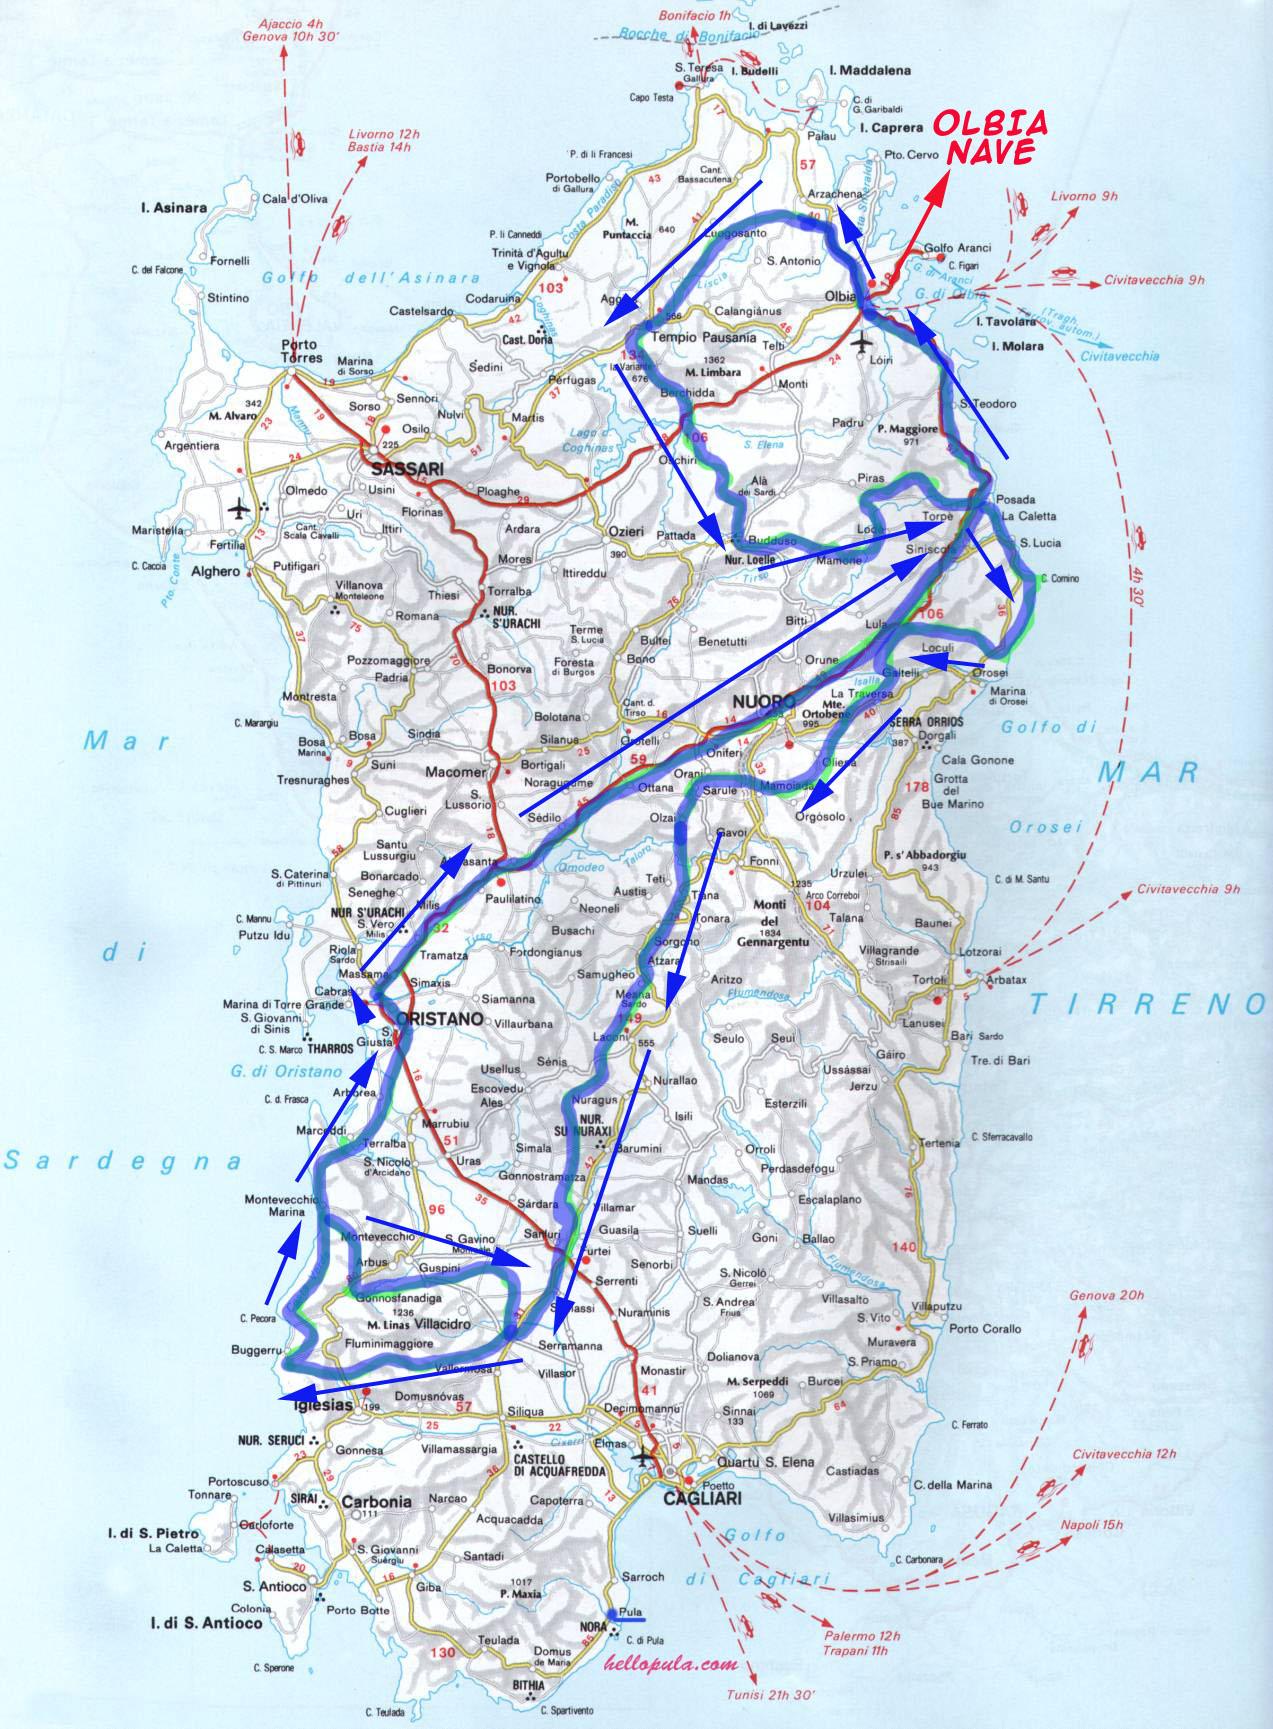 Mappa Km Sardegna.Sardegna 4x4 Sardegna Viaggio 4x4 Fuoristrada Sardegna Vacanze Fuoristrada Sardegna Offroad 4x4